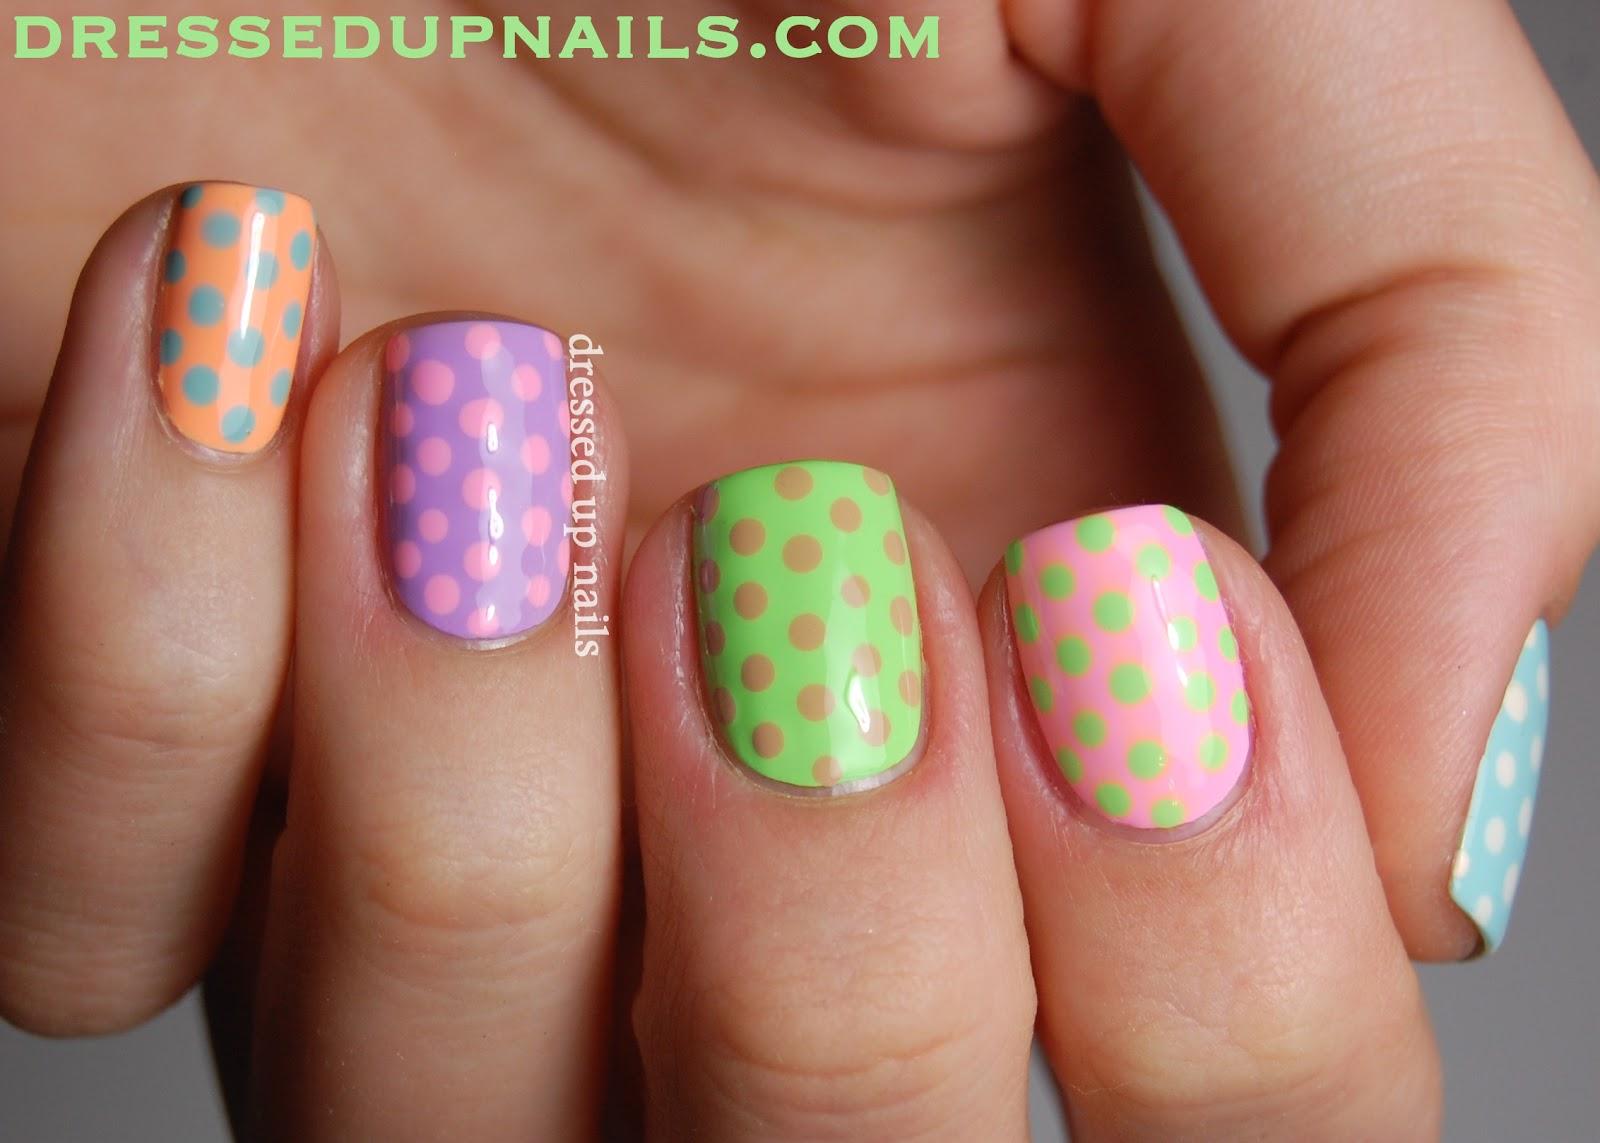 Nais on Pinterest | Short Nails, Nail Design and Cute Nail ...